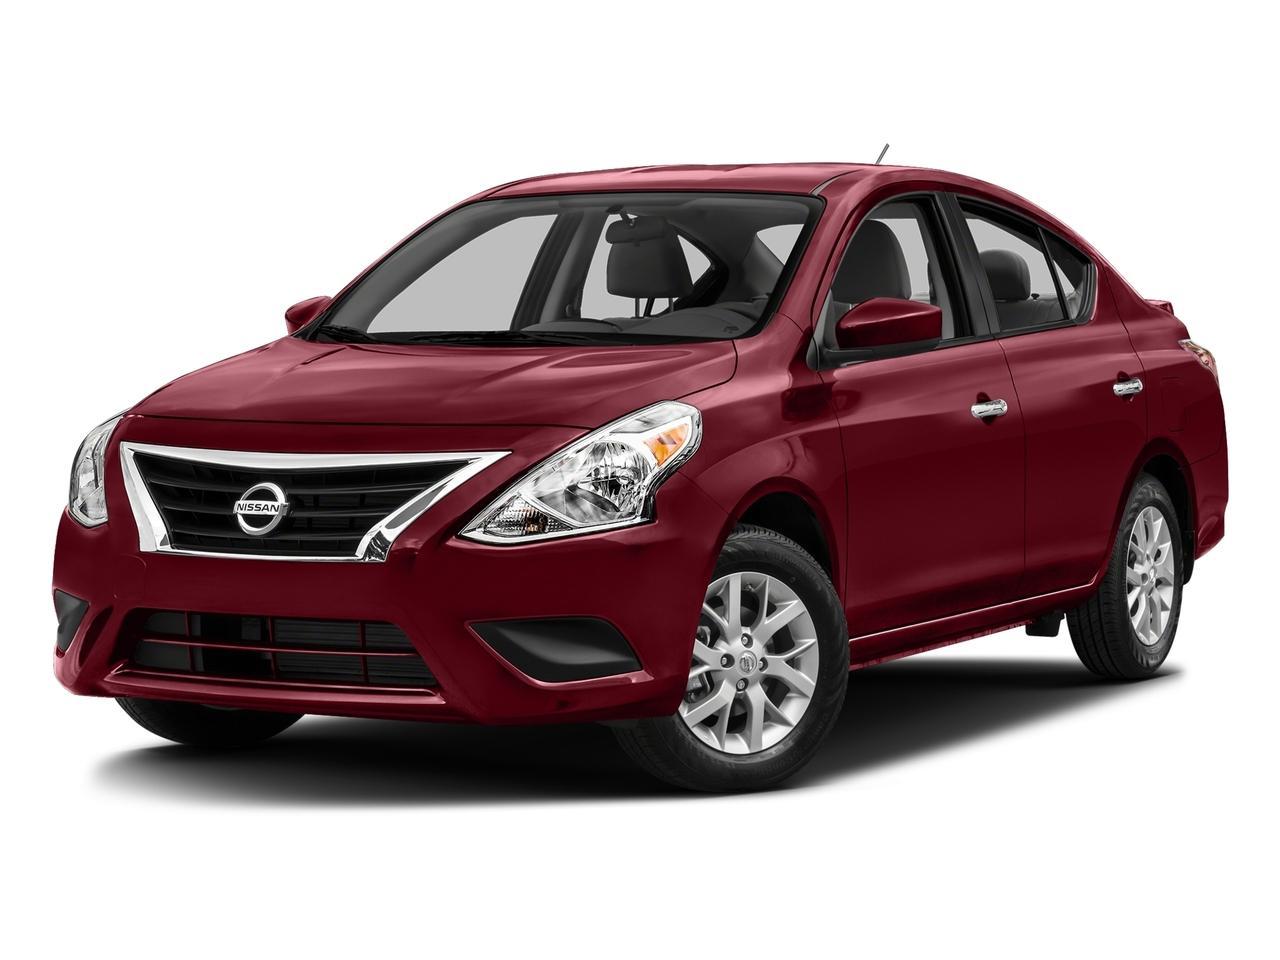 2017 Nissan Versa Sedan Vehicle Photo in Odessa, TX 79762